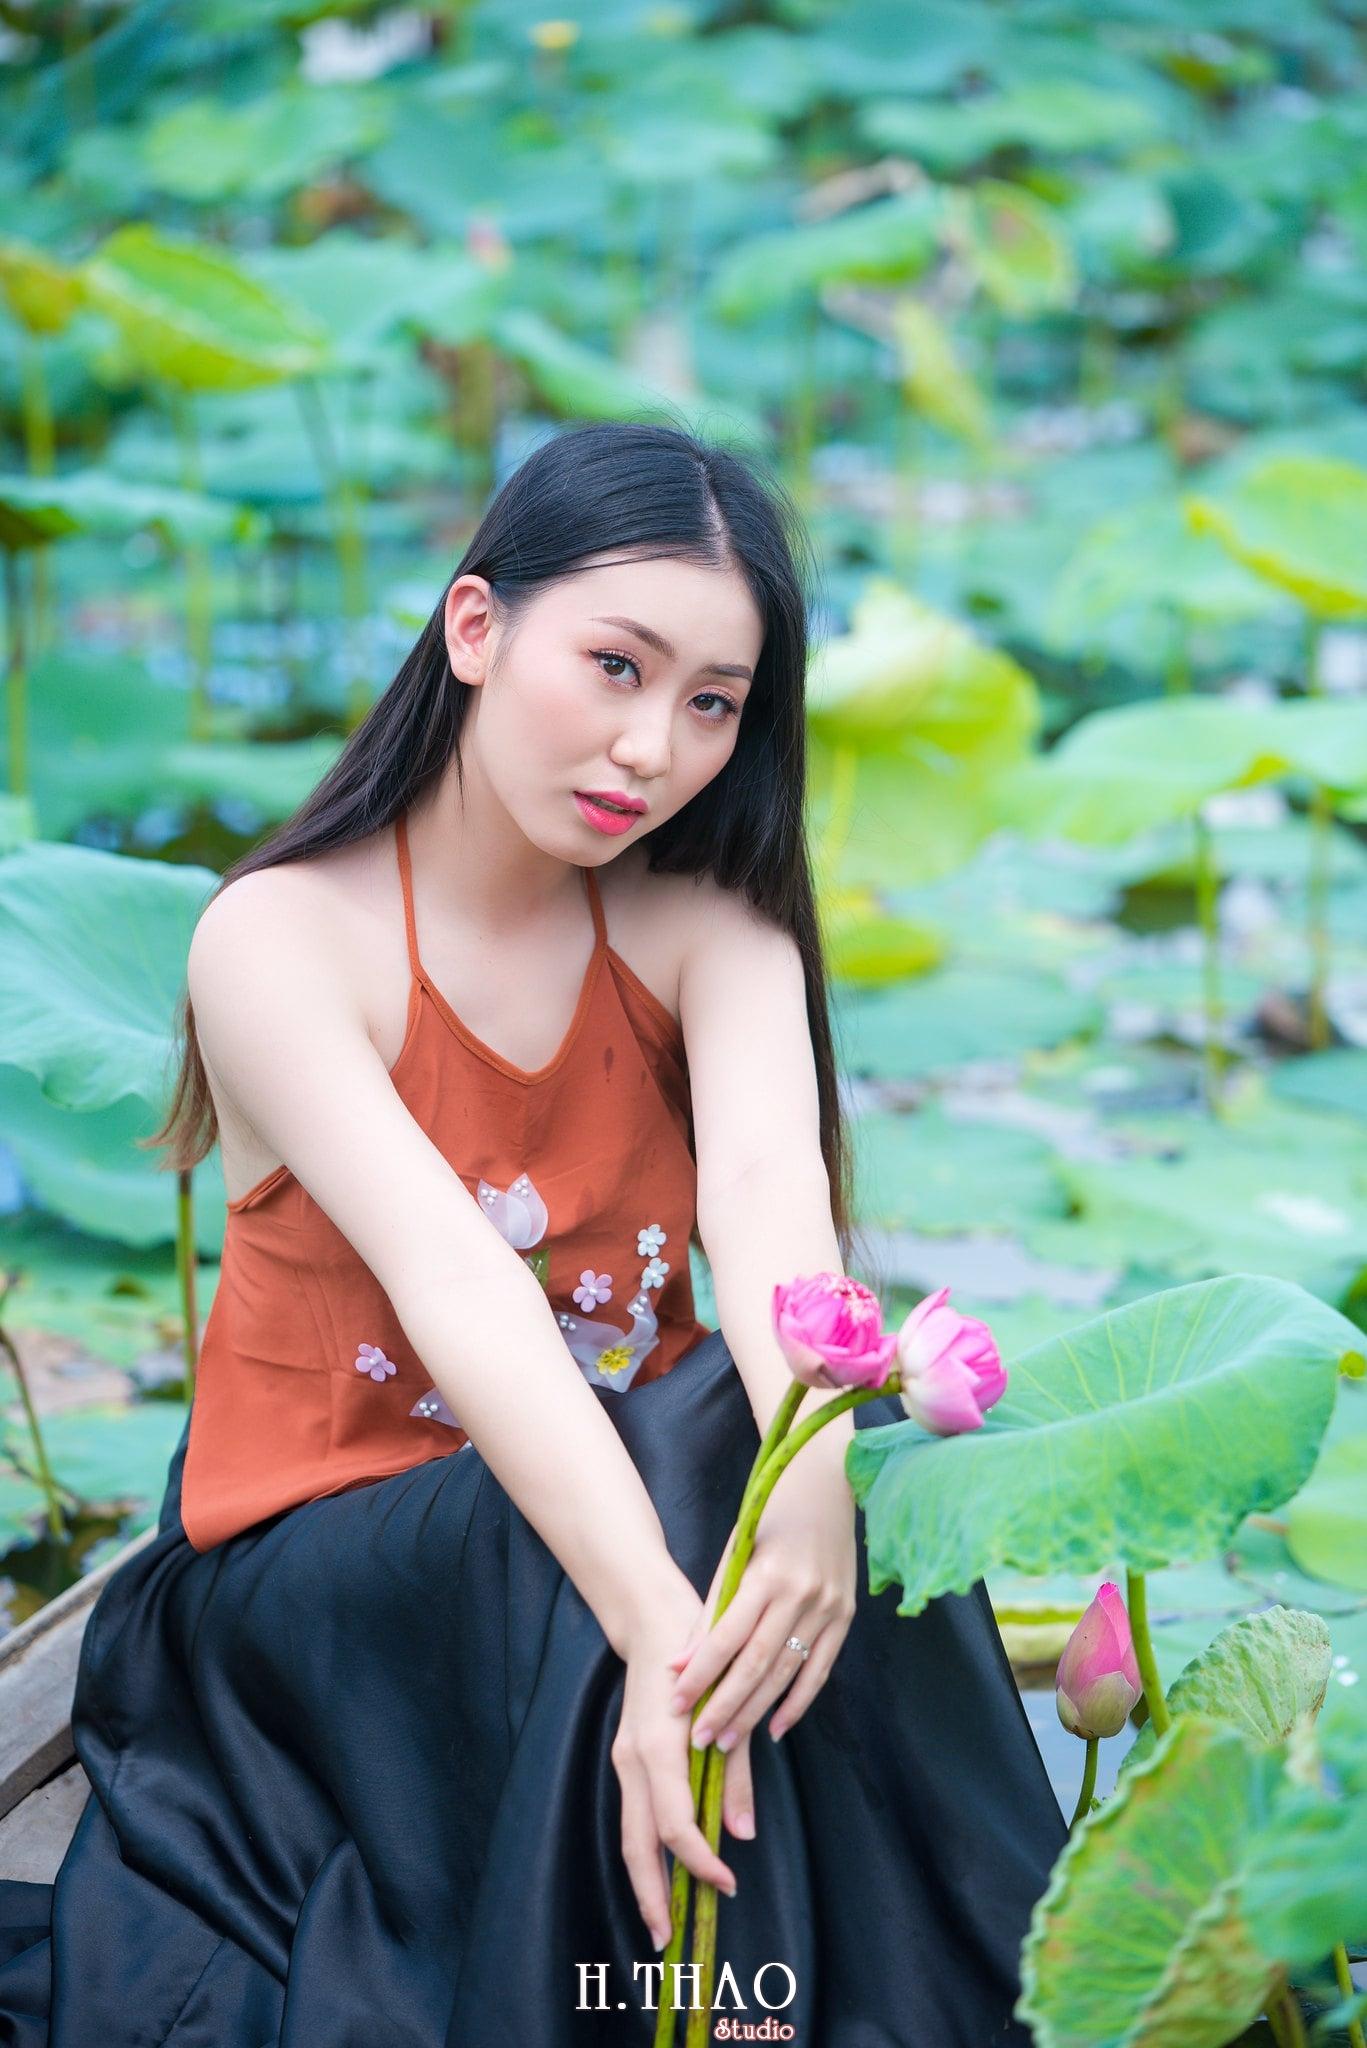 ao yem hoa sen 12 - Album ảnh chụp áo yếm với hoa sen đẹp dịu dàng - HThao Studio